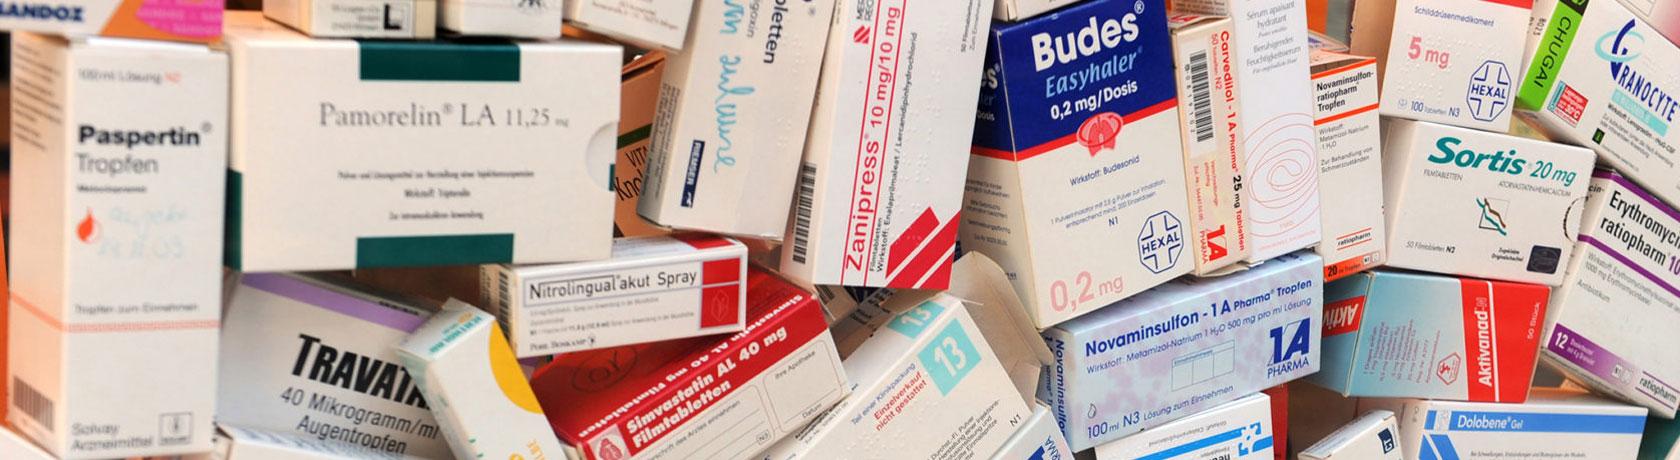 pharma6-e1462521230107